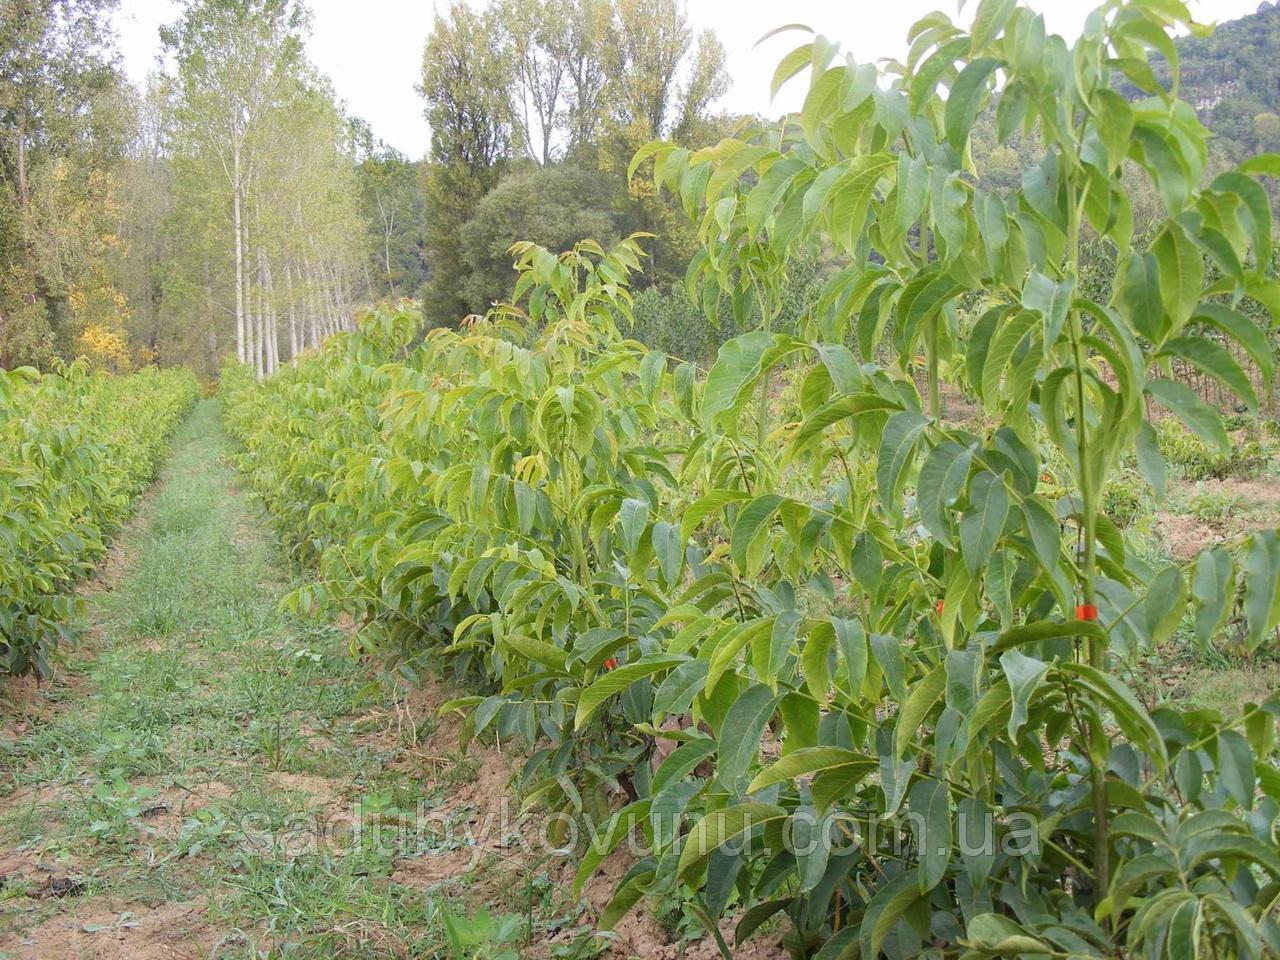 Саджанці грецький горіх, яблуня, абрикос — ціни найнижчі на ринку!